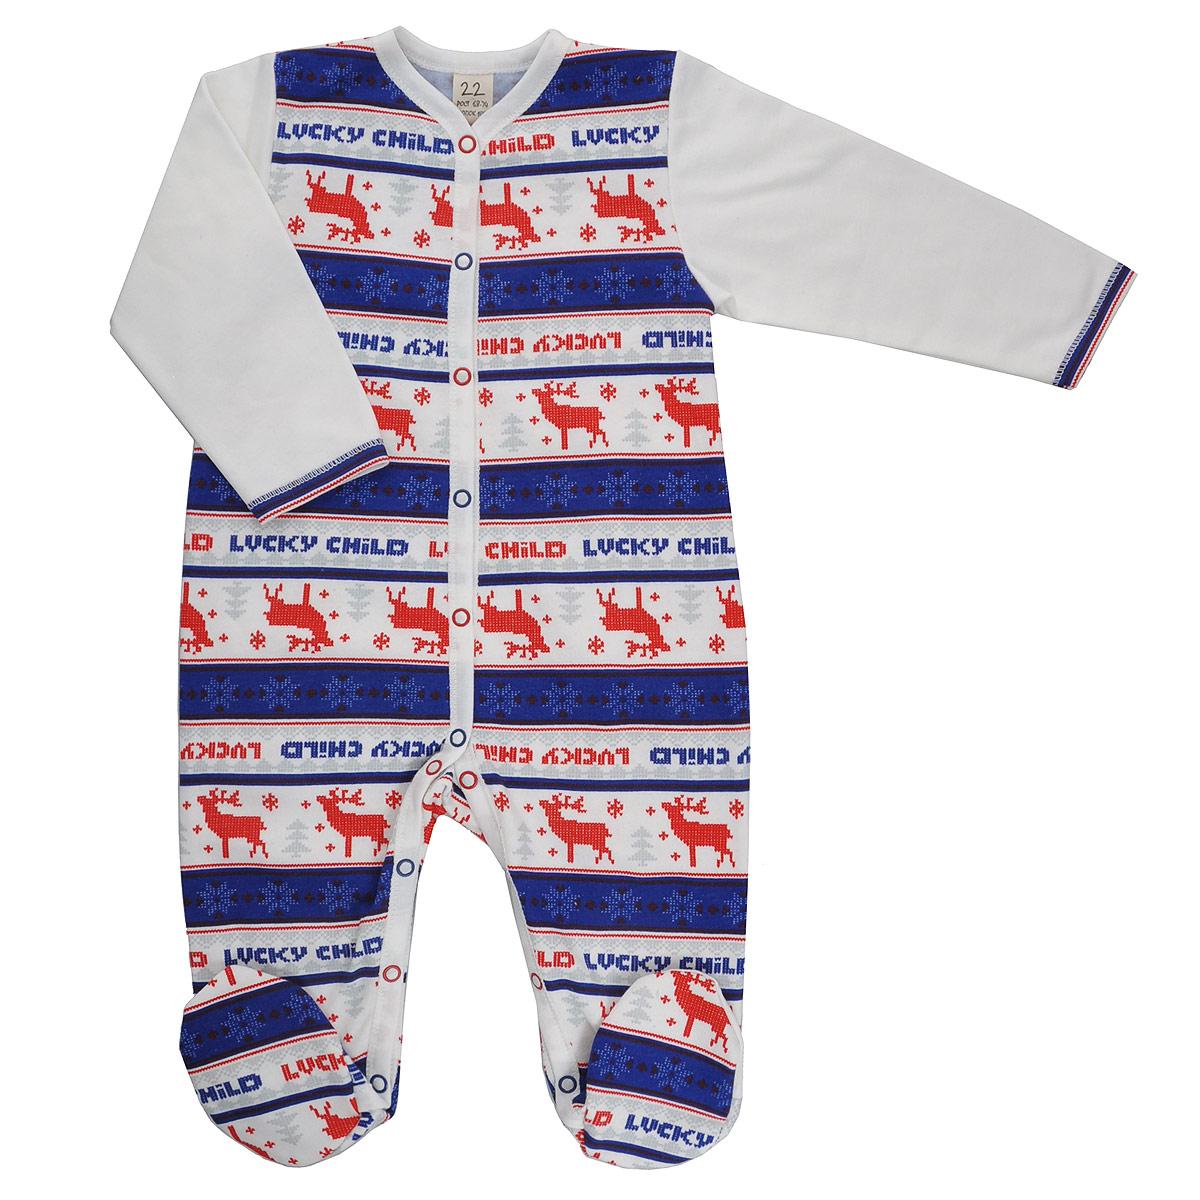 Комбинезон детский Lucky Child Скандинавия, цвет: молочный, синий, красный. 10-1. Размер 80/8610-1_футерДетский комбинезон Lucky Child Скандинавия - очень удобный и практичный вид одежды для малышей. Комбинезон выполнен из теплого футера - натурального хлопка, благодаря чему он необычайно мягкий и приятный на ощупь, не раздражает нежную кожу ребенка и хорошо вентилируется, а эластичные швы приятны телу малыша и не препятствуют его движениям. Комбинезон с длинными рукавами и закрытыми ножками имеет застежки-кнопки от горловины до щиколоток, которые помогают легко переодеть младенца или сменить подгузник. Оформлена модель модным скандинавским принтом. С детским комбинезоном Lucky Child спинка и ножки вашего малыша всегда будут в тепле, он идеален для использования днем и незаменим ночью. Комбинезон полностью соответствует особенностям жизни младенца в ранний период, не стесняя и не ограничивая его в движениях!